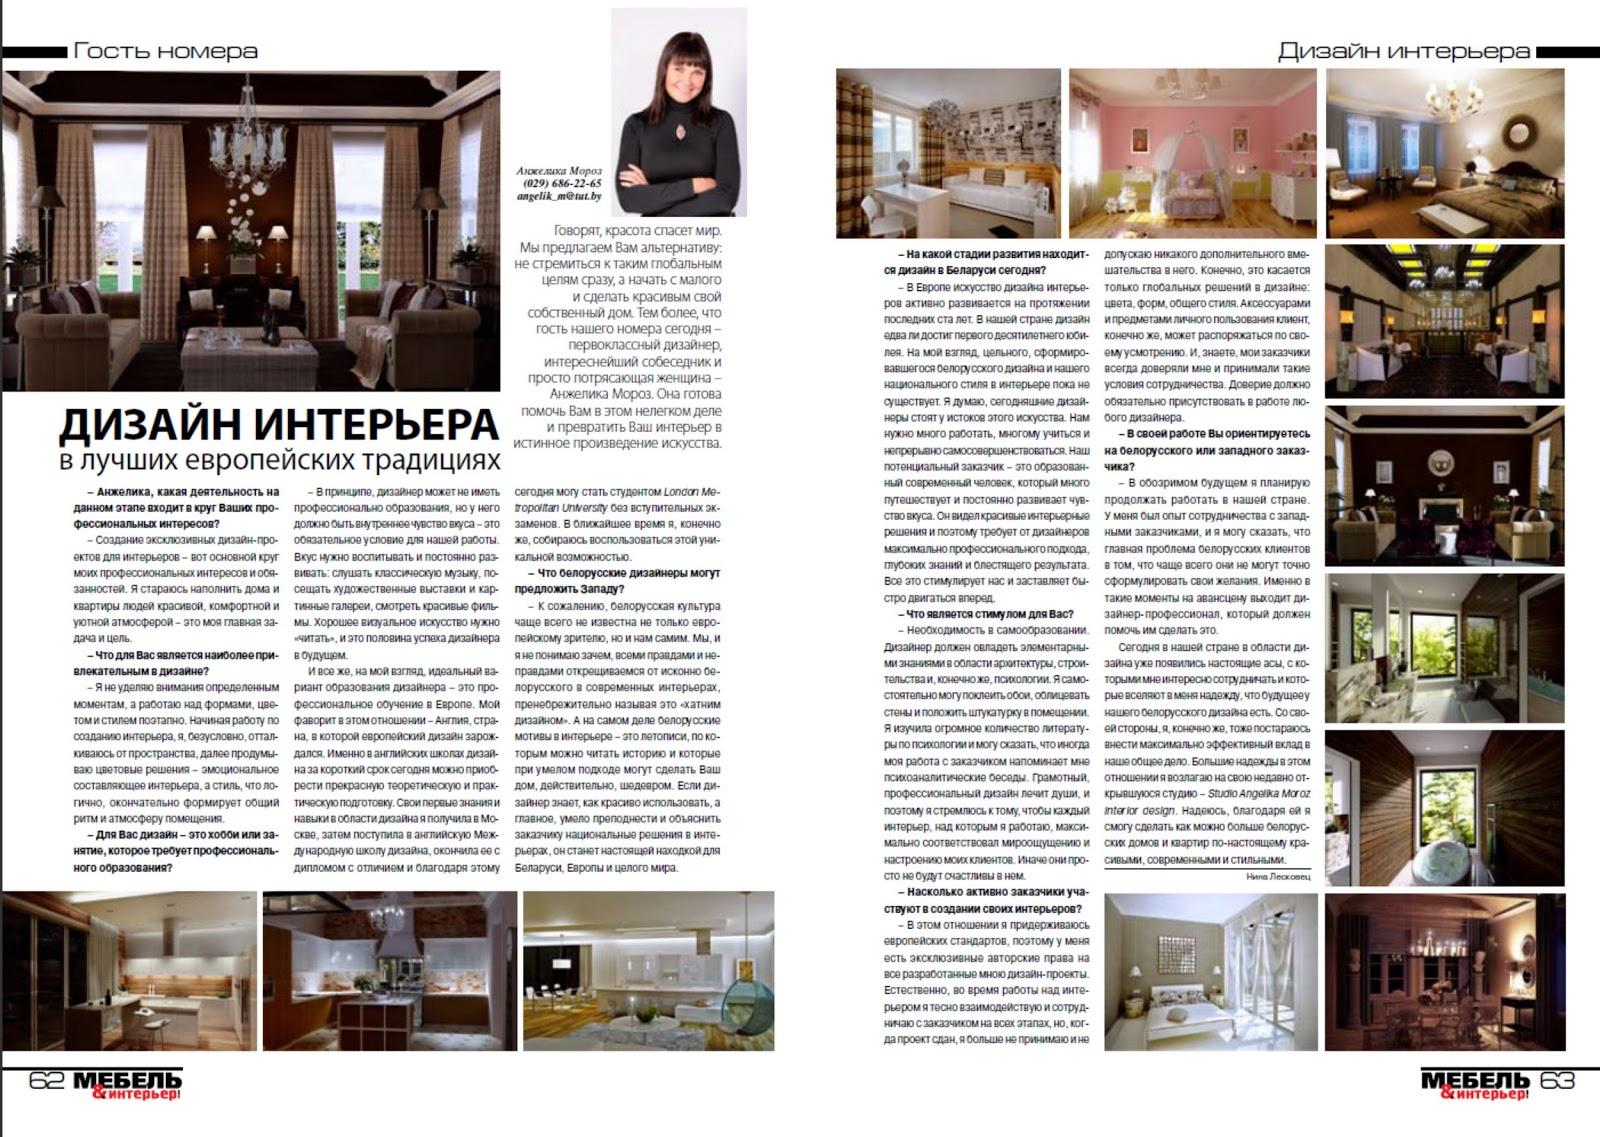 Статьи о дизайне интерьеров